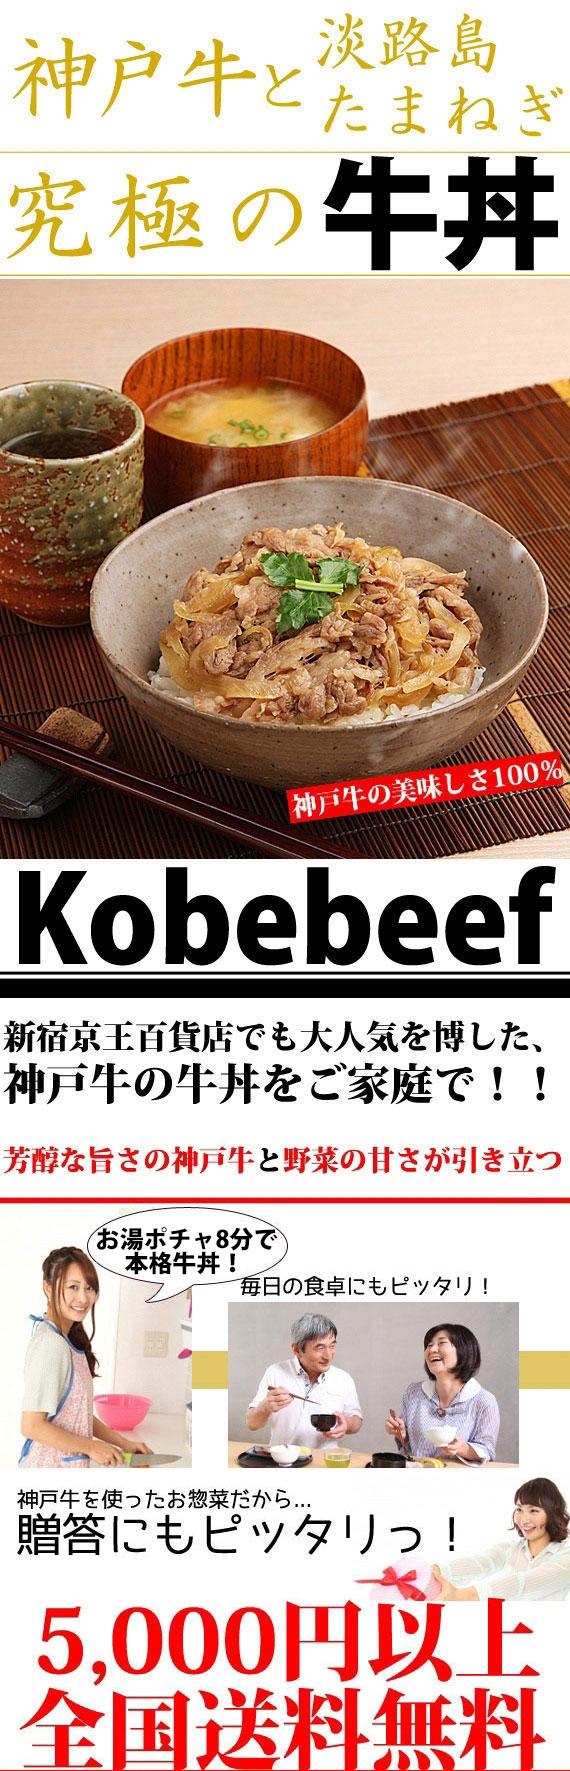 神戸牛100g入り淡路島玉葱の牛丼